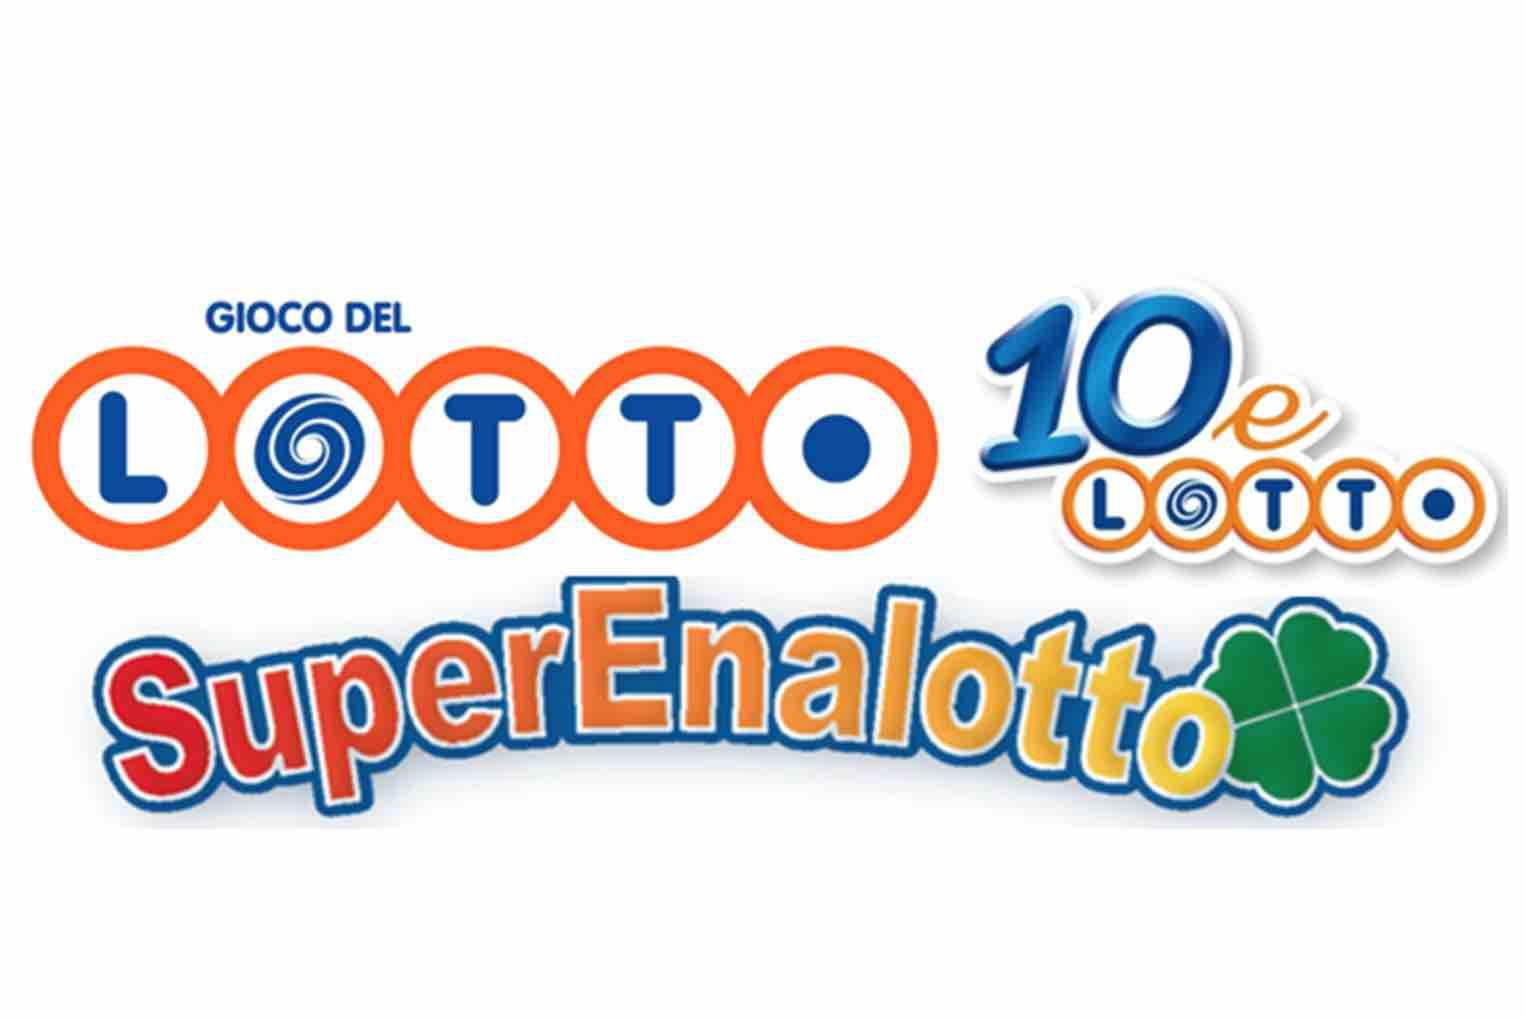 estrazione lotto, superenalotto 10elotto diretta live 24 marzo 2018